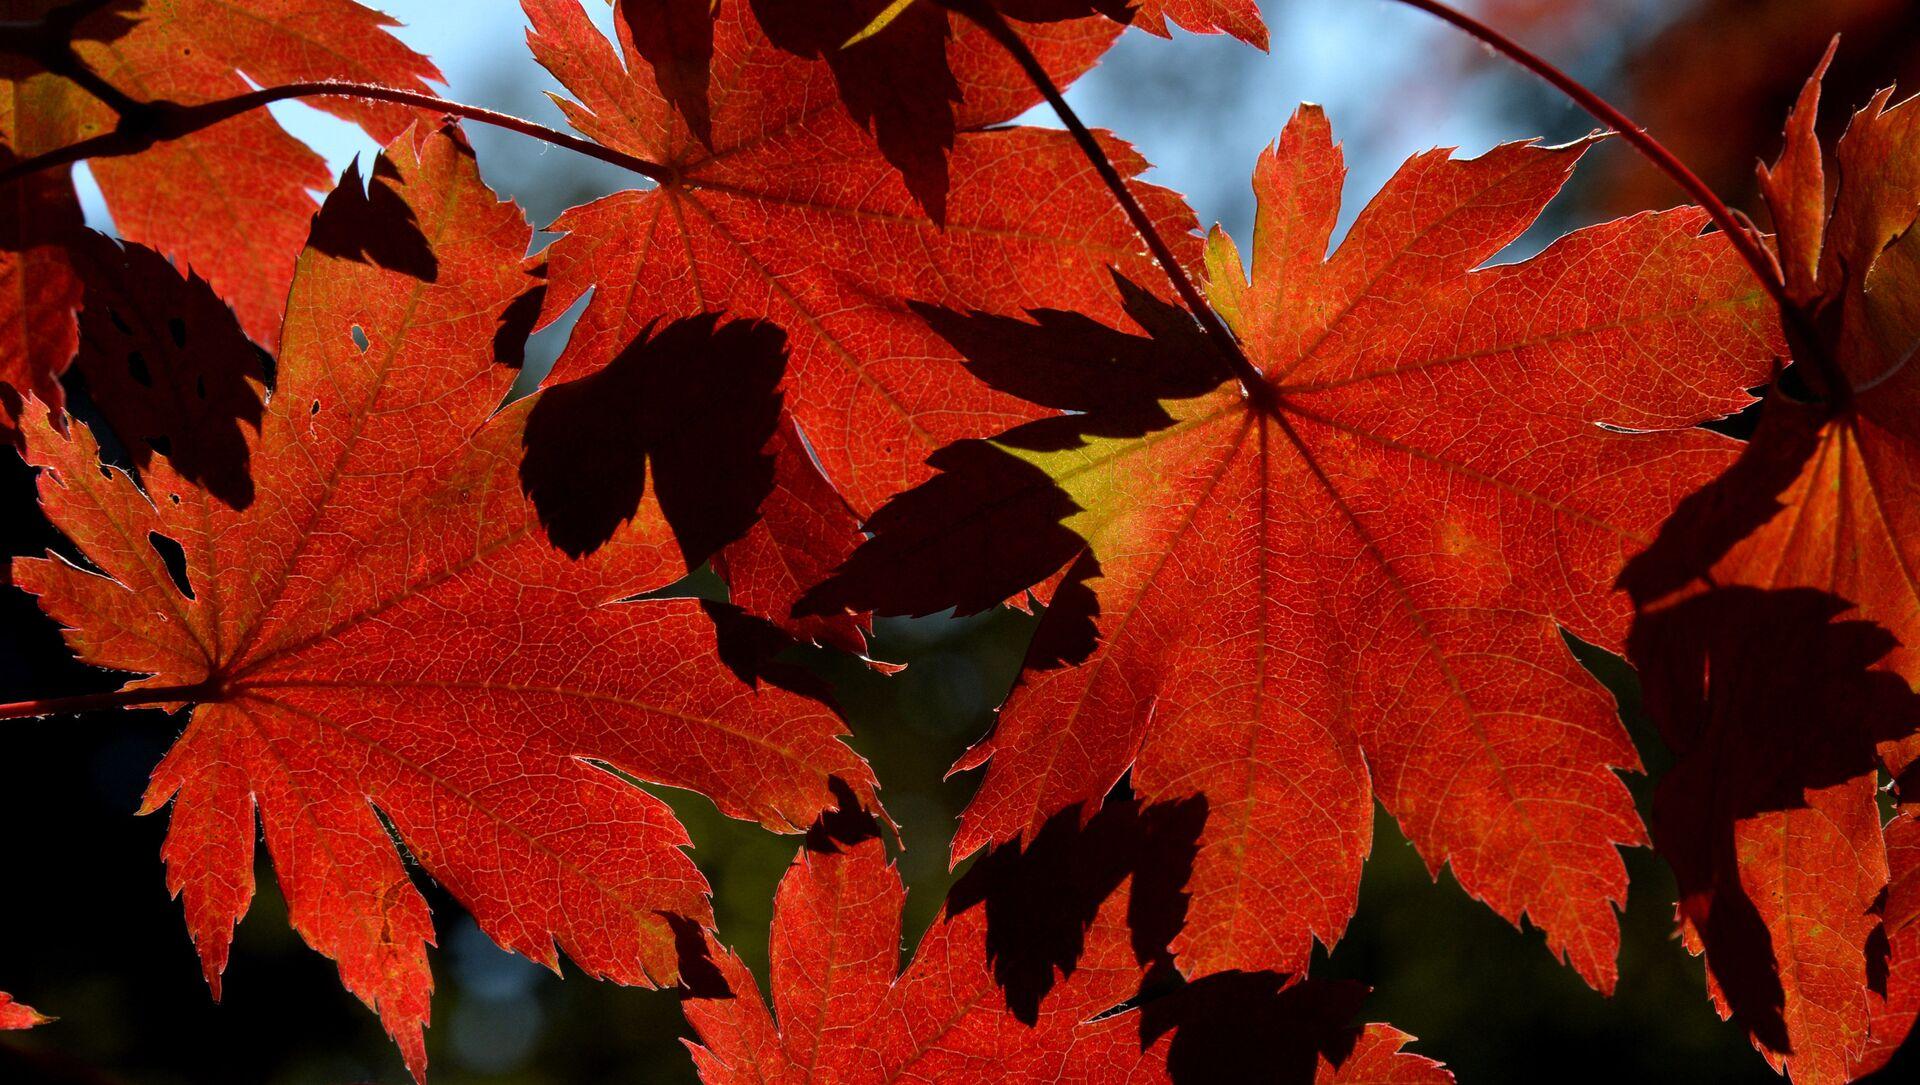 葉が黄色く紅葉せず、例年より早く枯れる 新たな気候問題の地球温暖化がその原因 - Sputnik 日本, 1920, 01.10.2021